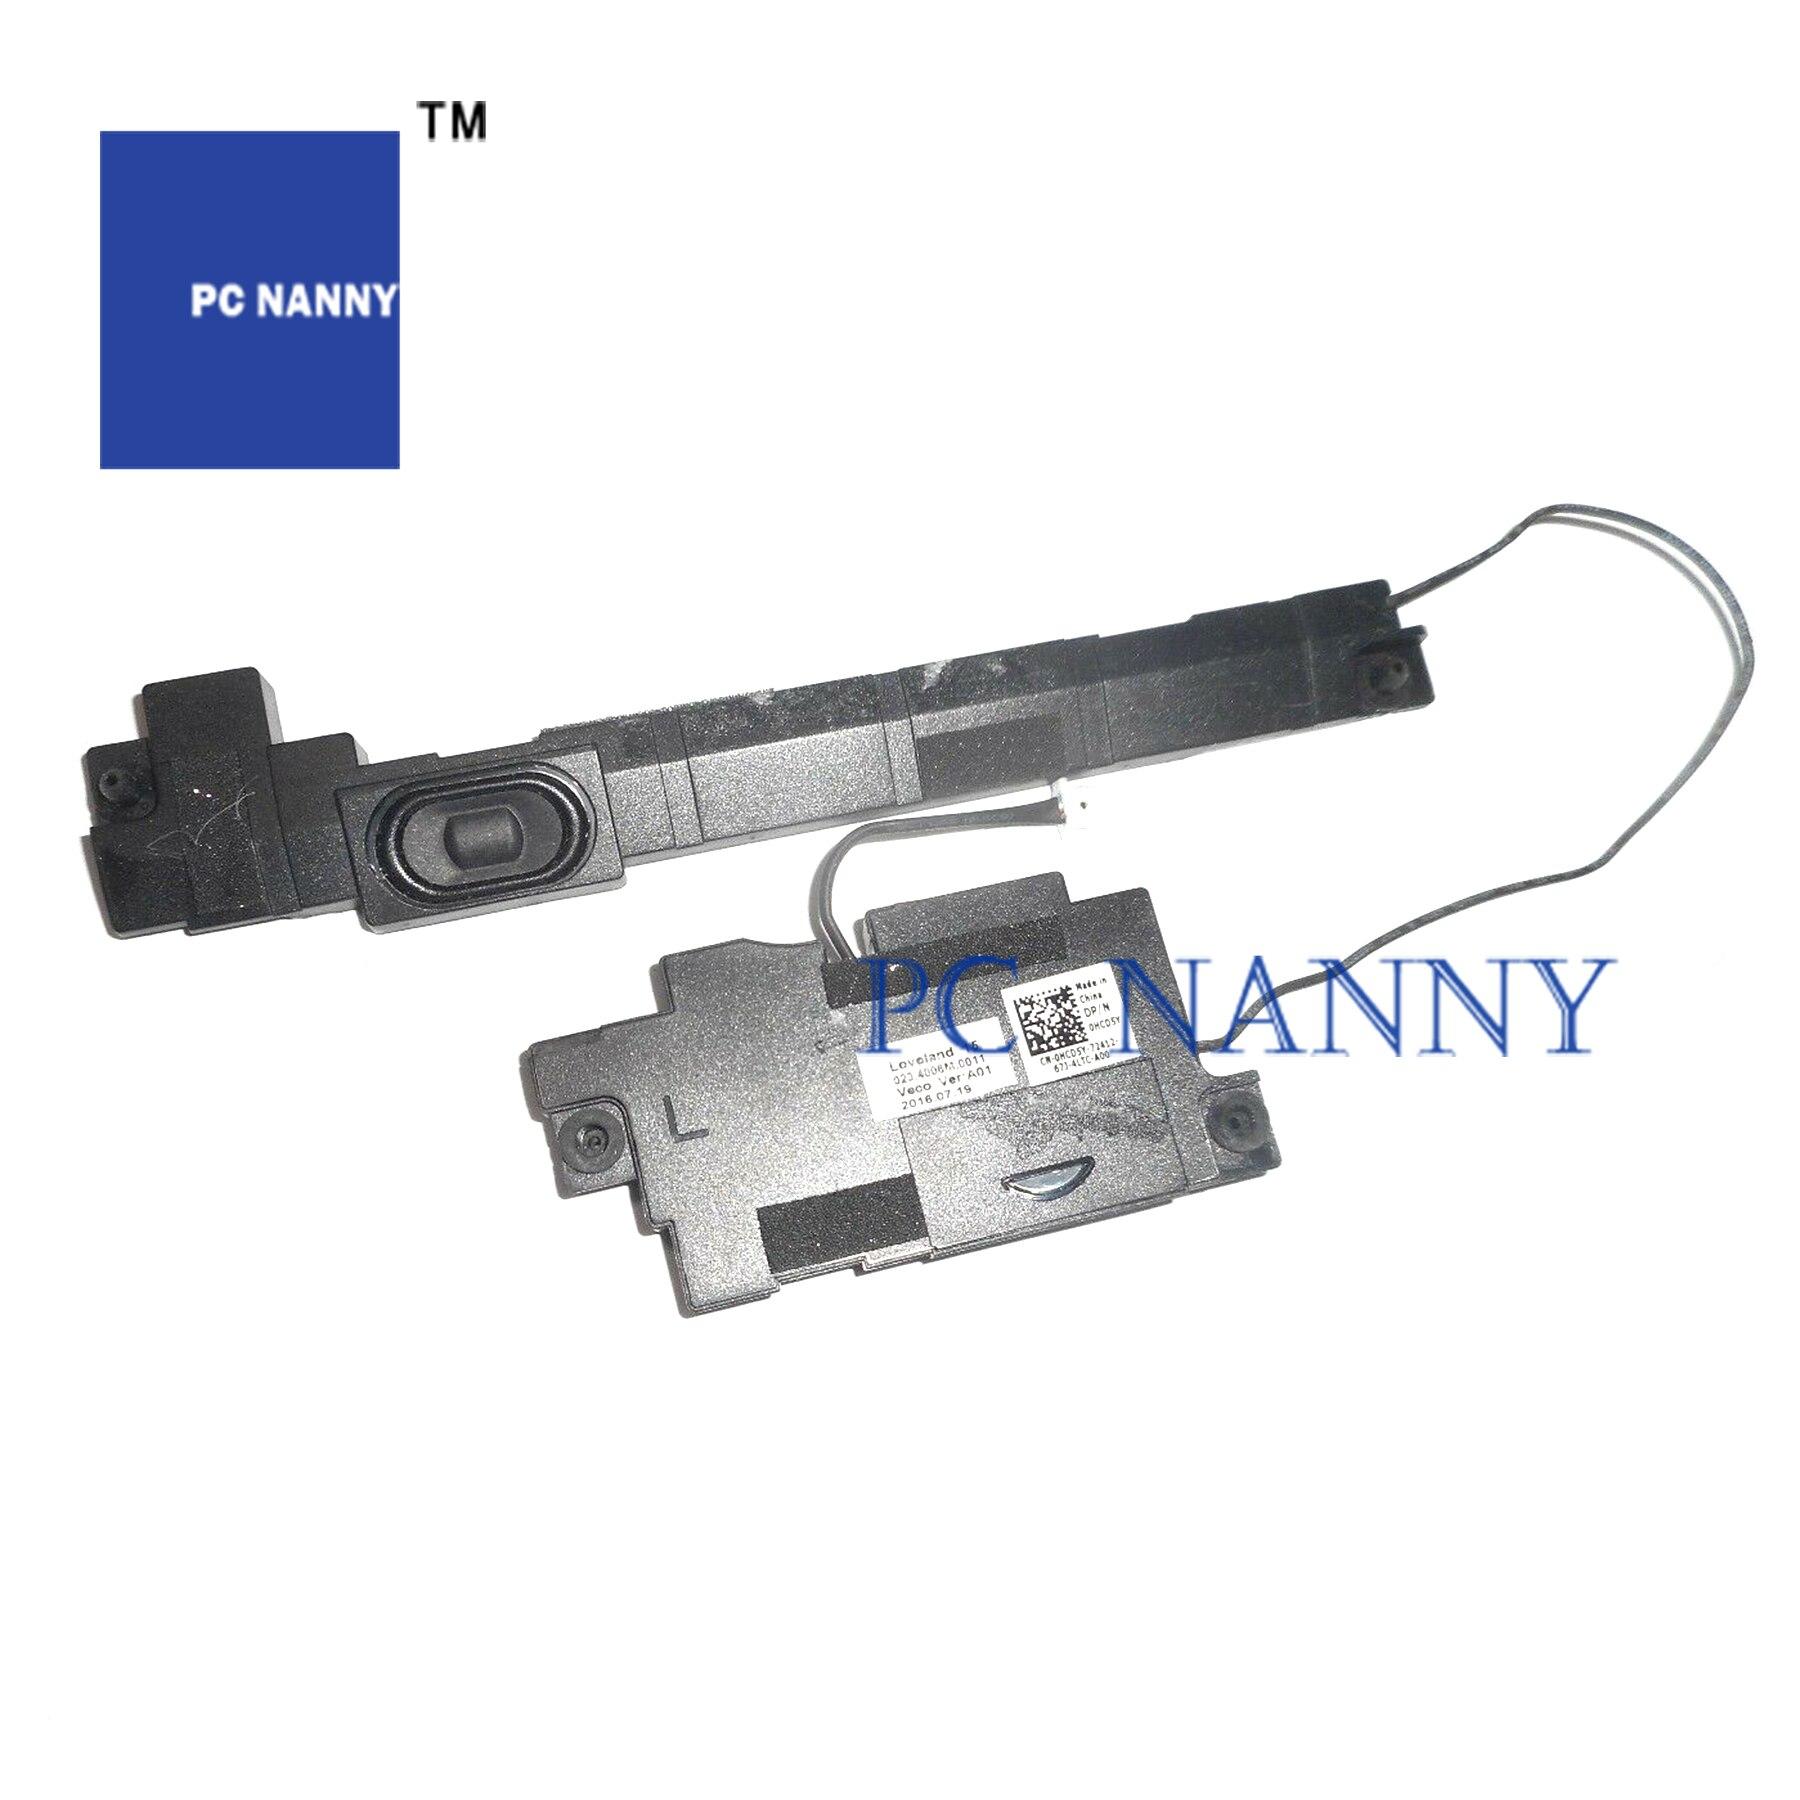 جهاز كمبيوتر شخصي لمكبر صوت ديل لاتيتيود 3570 0HCD5Y HCD5Y لوحة لمس الكاميرا 0592wk 592wk